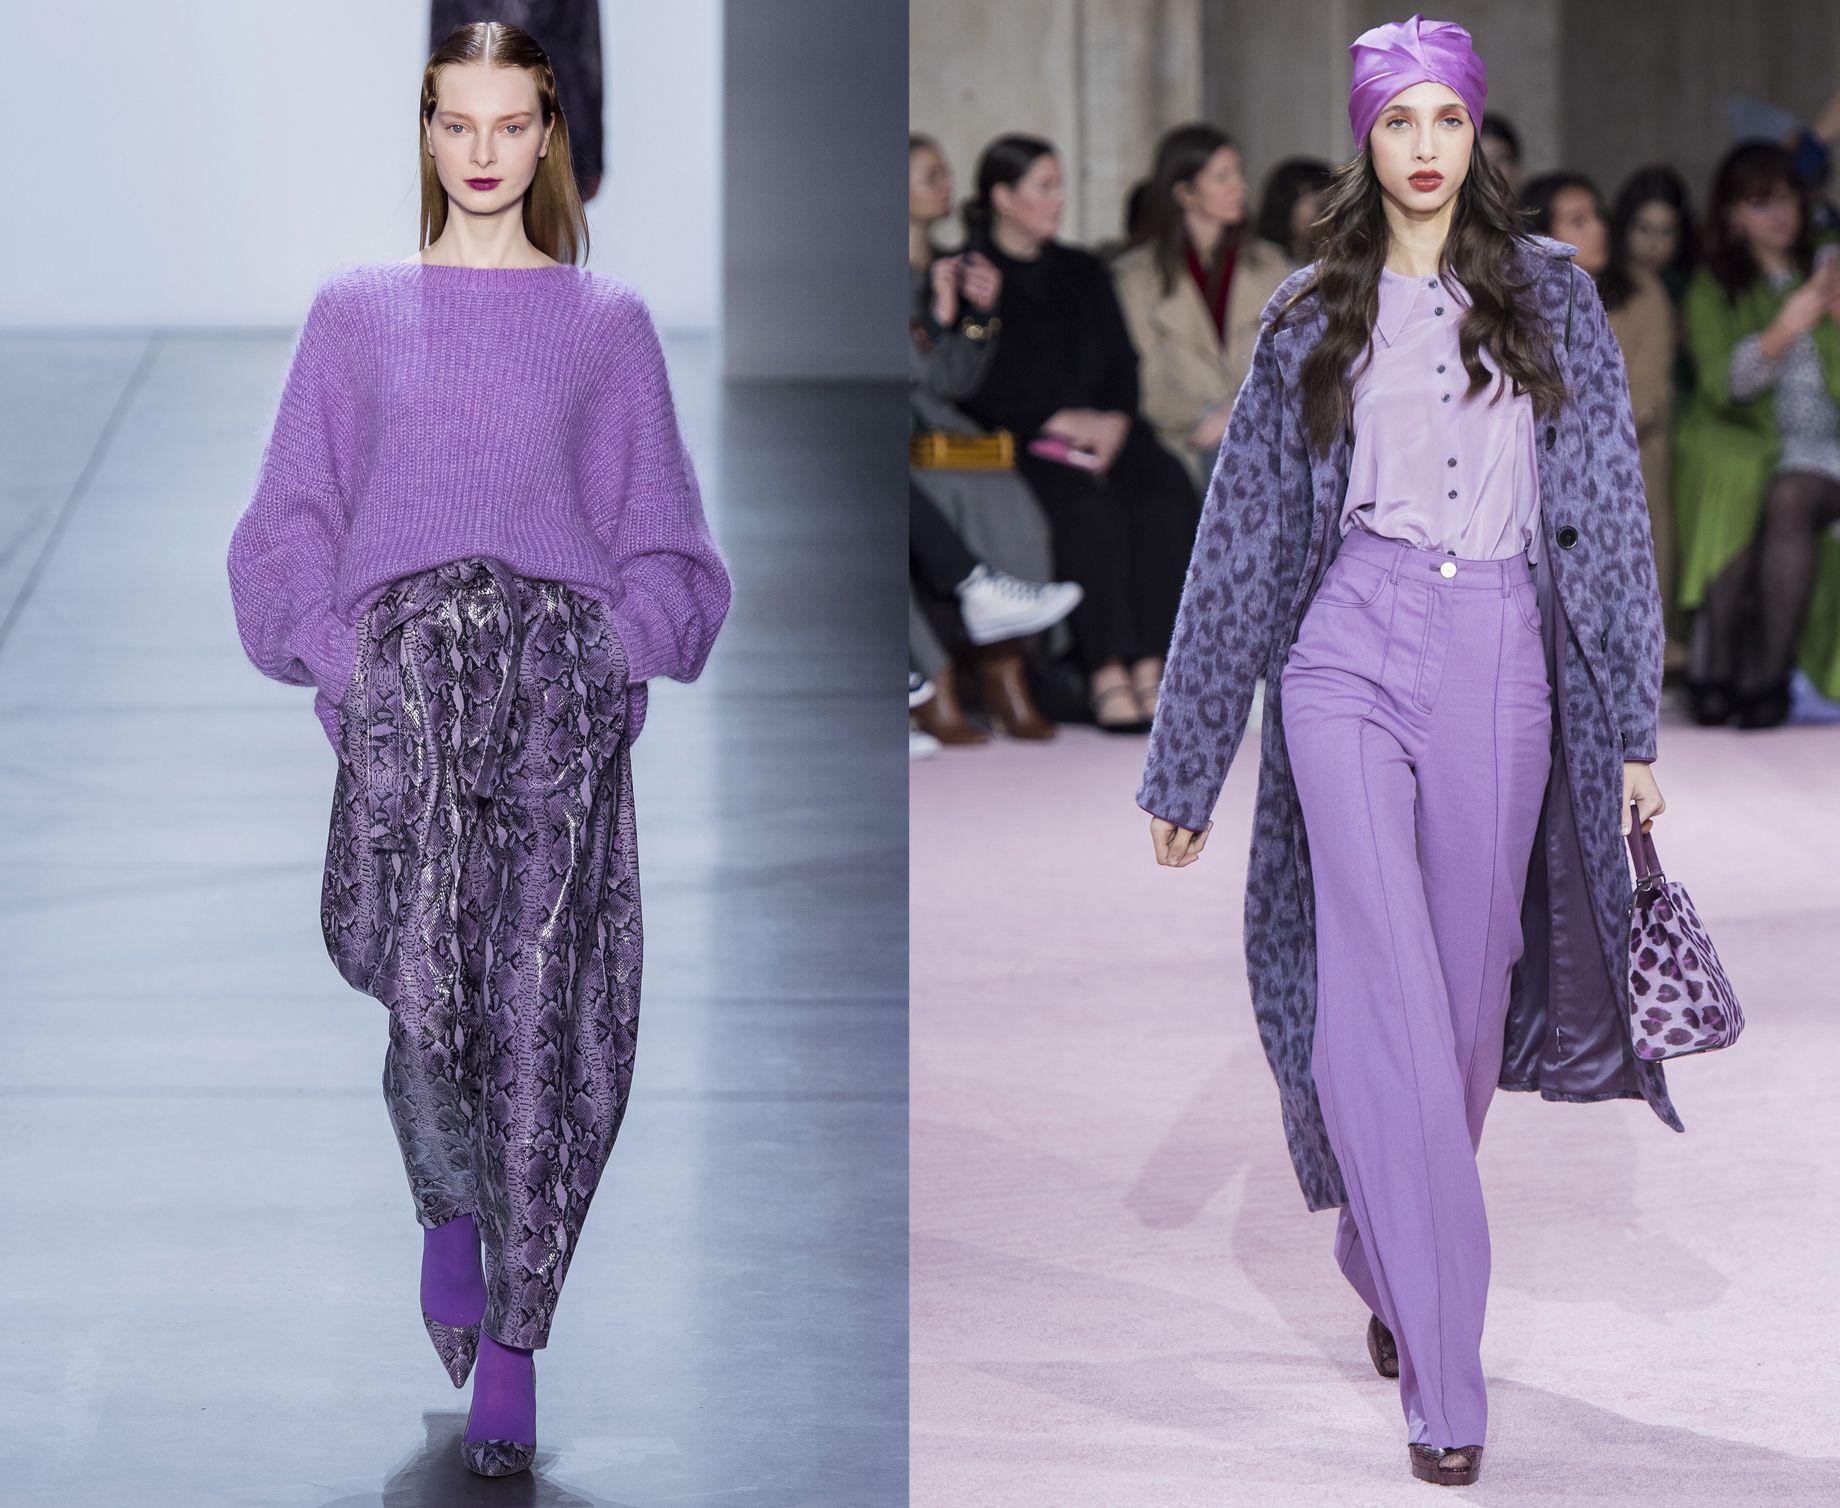 La tendenza moda per l\u0027autunno inverno 2019,2020 si tinge del colore lilla